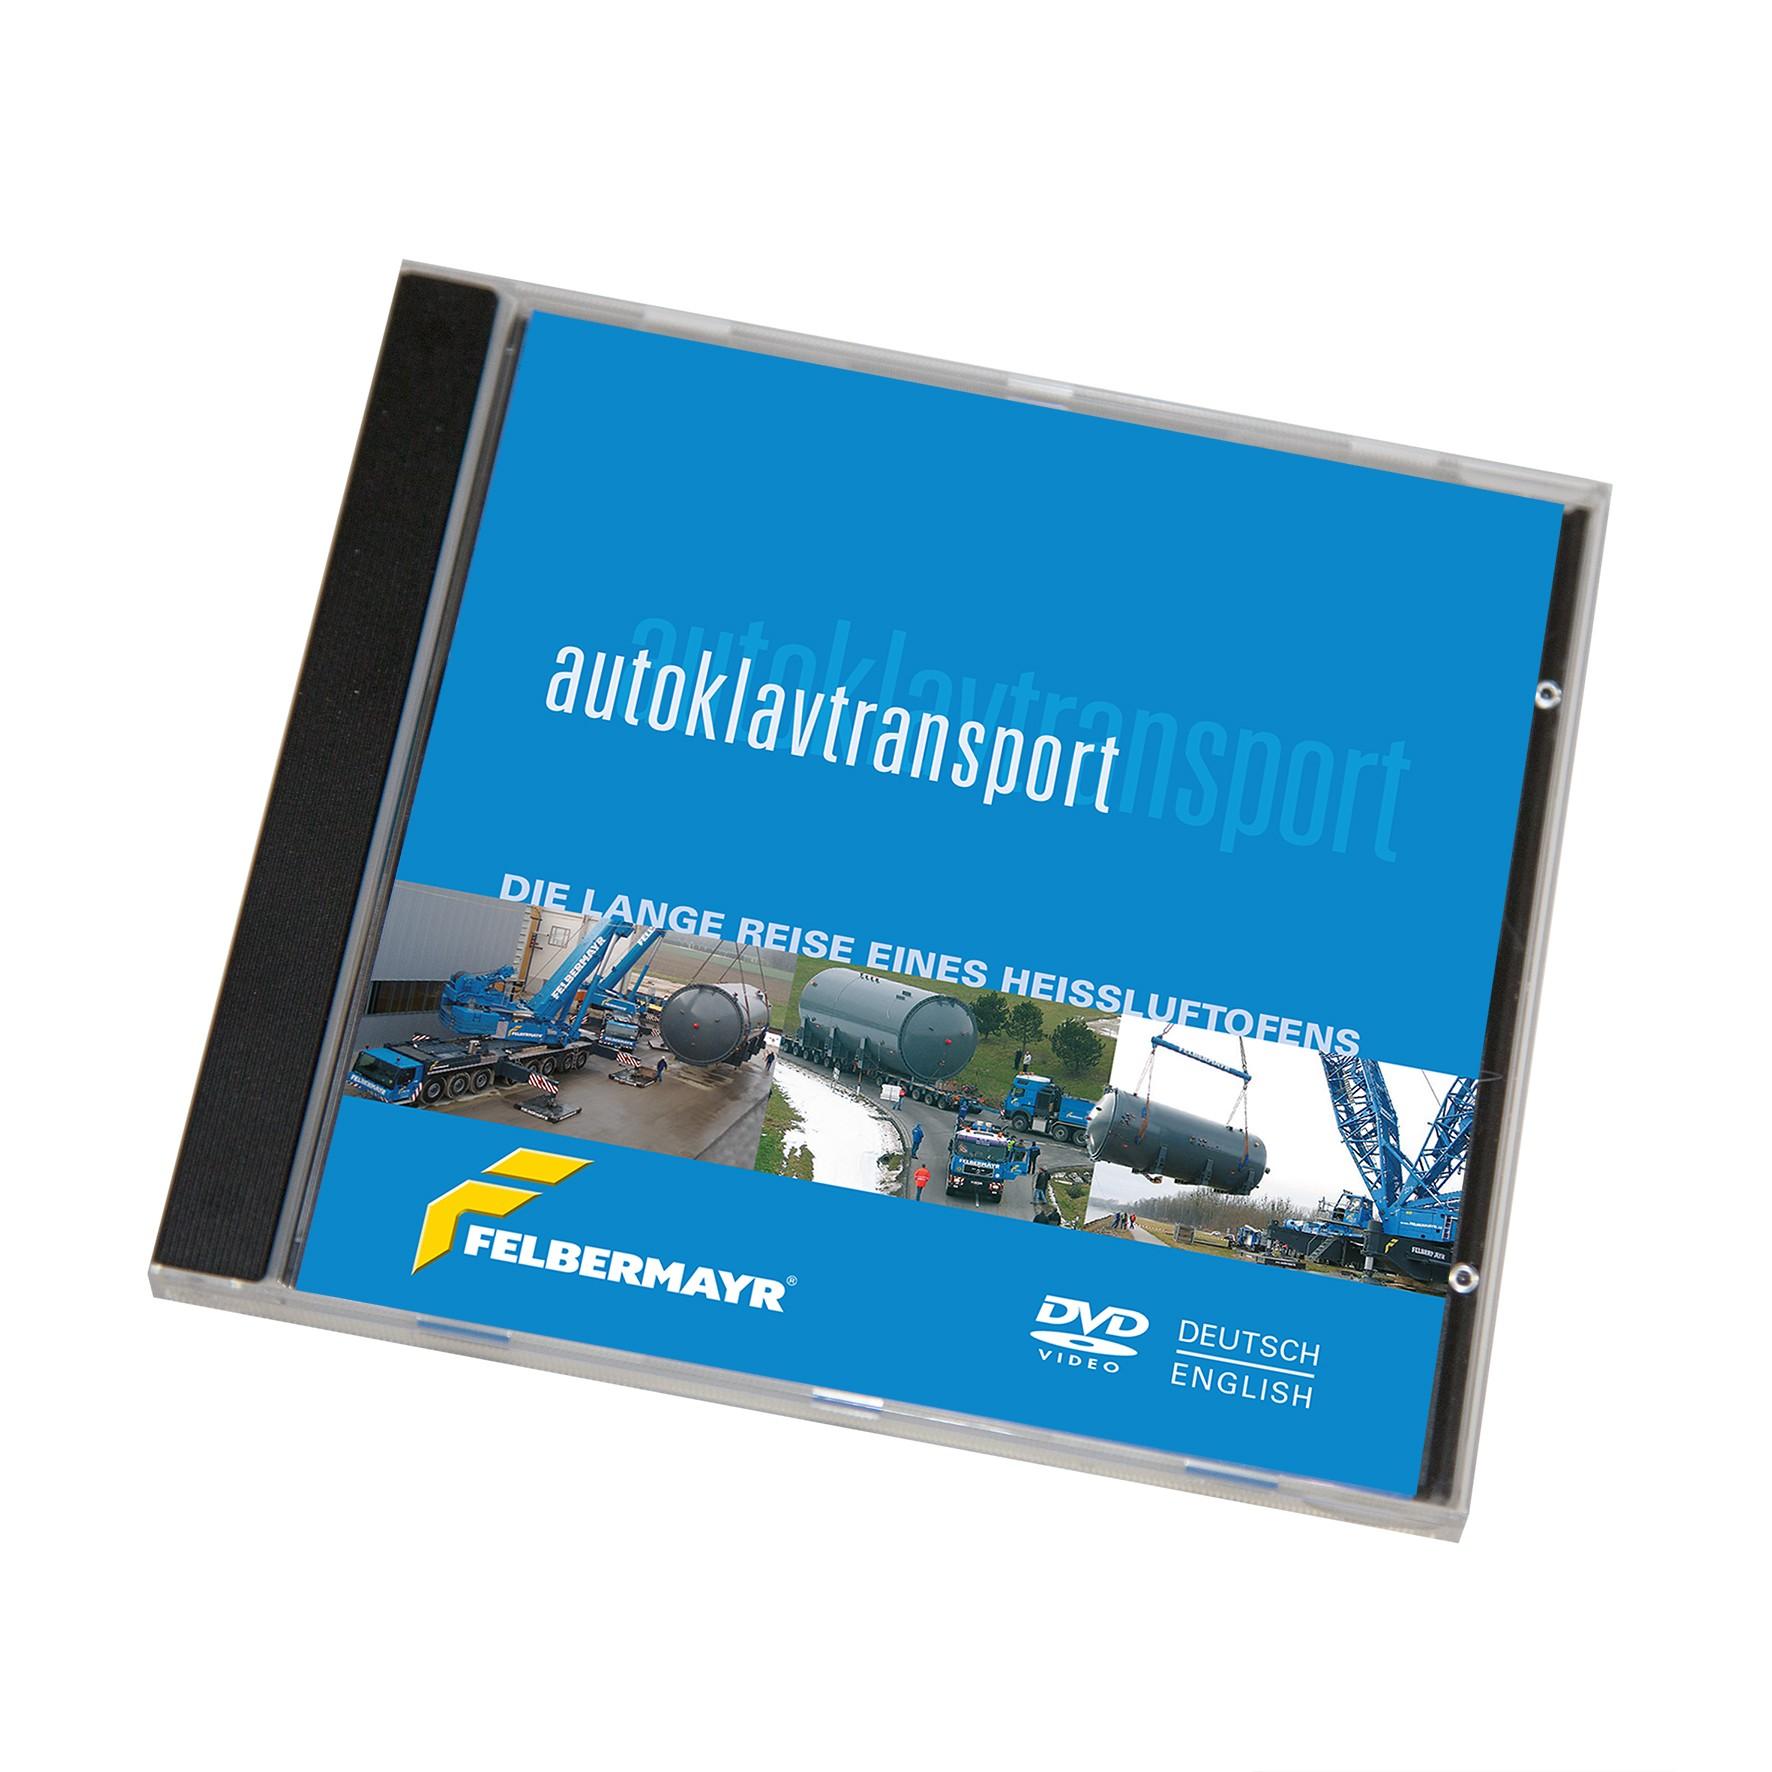 """DVD """"Autoklavtransport - Die lange Reise eines Heißluftofens"""""""